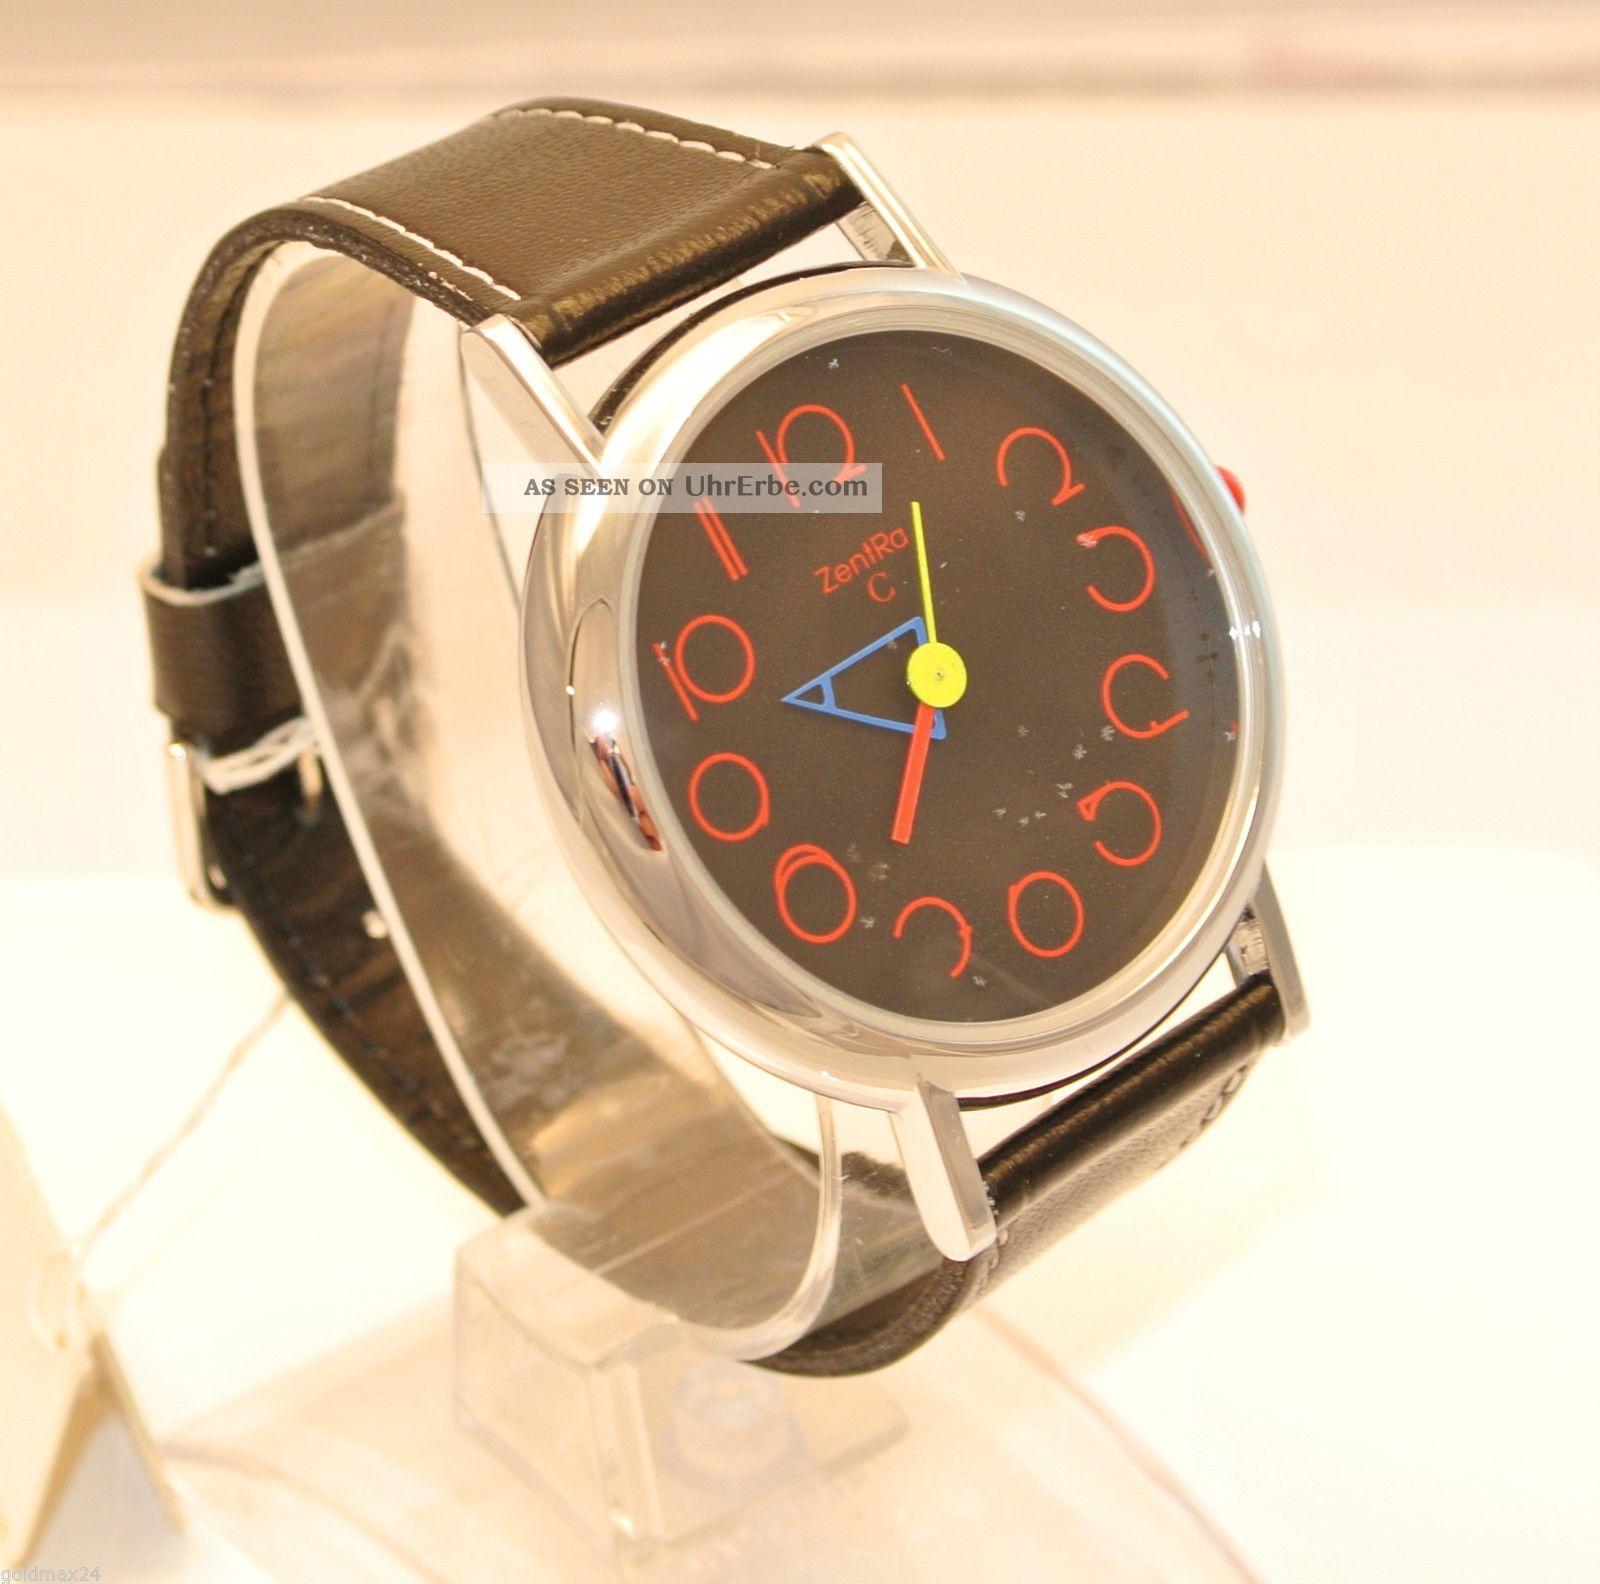 Zentra C - Damenarmbanduhr / Unisex / Quarz / Lederarmband Armbanduhren Bild